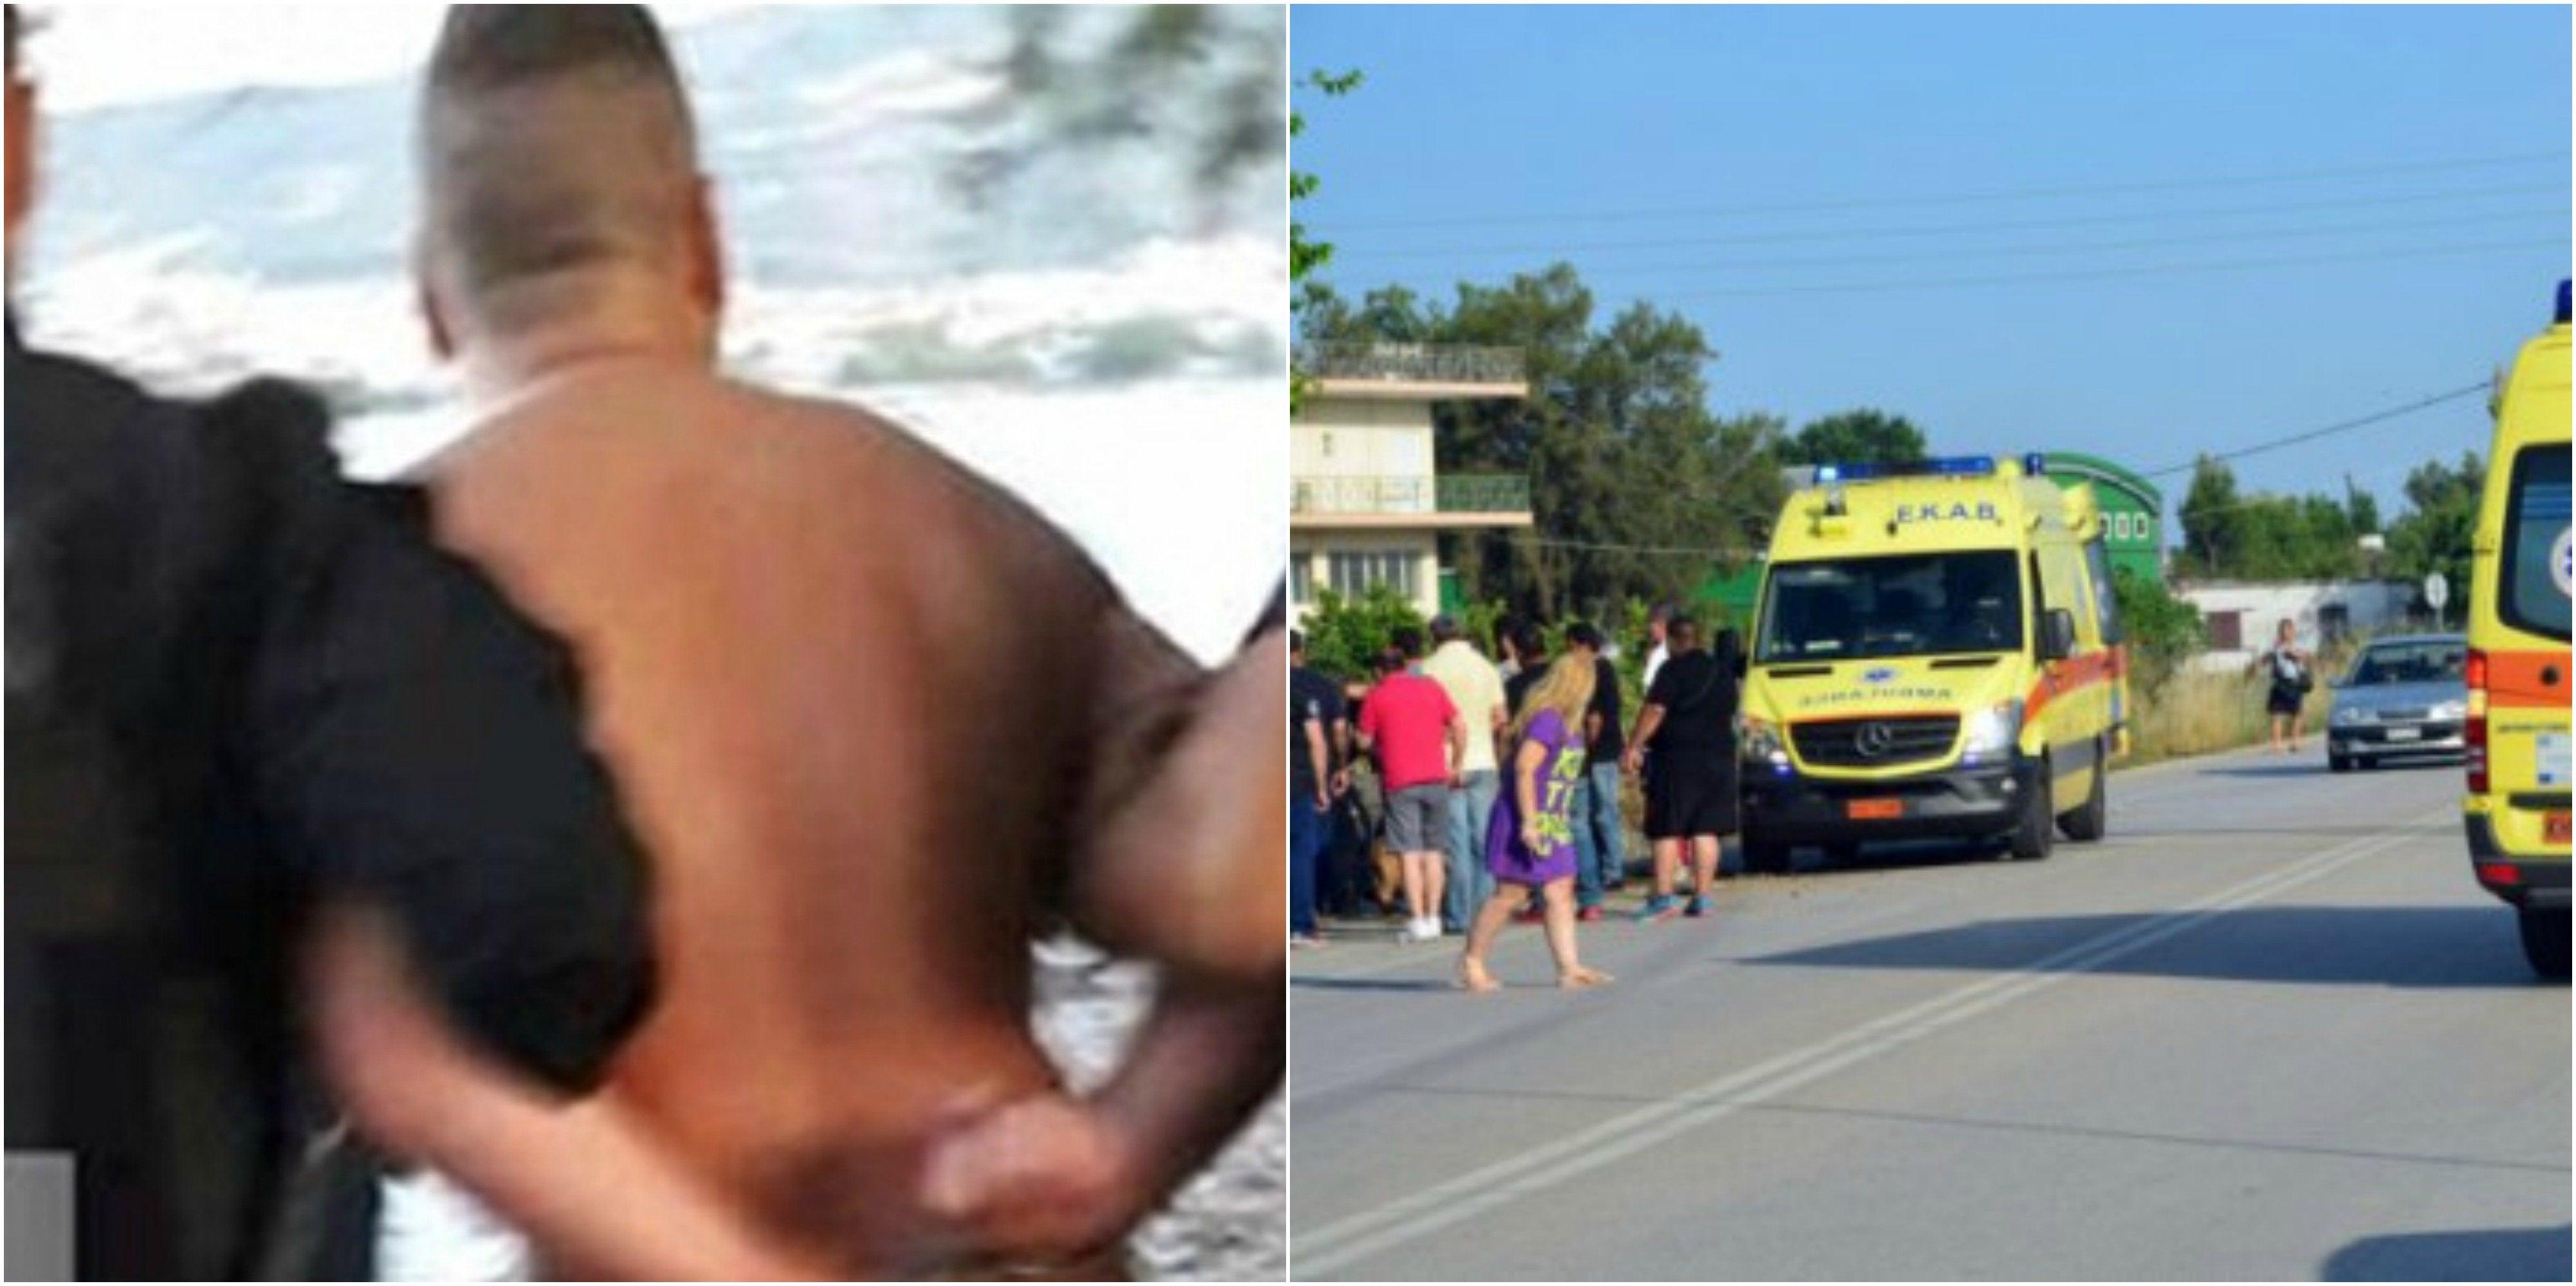 Τραγωδία στο Αίγιο: Καταπέλτης το κατηγορητήριο για τον 28χρονο σημαιοφόρο του Πολεμικού Ναυτικού που σκότωσε γιαγιά και εγγόνι! (φωτο)